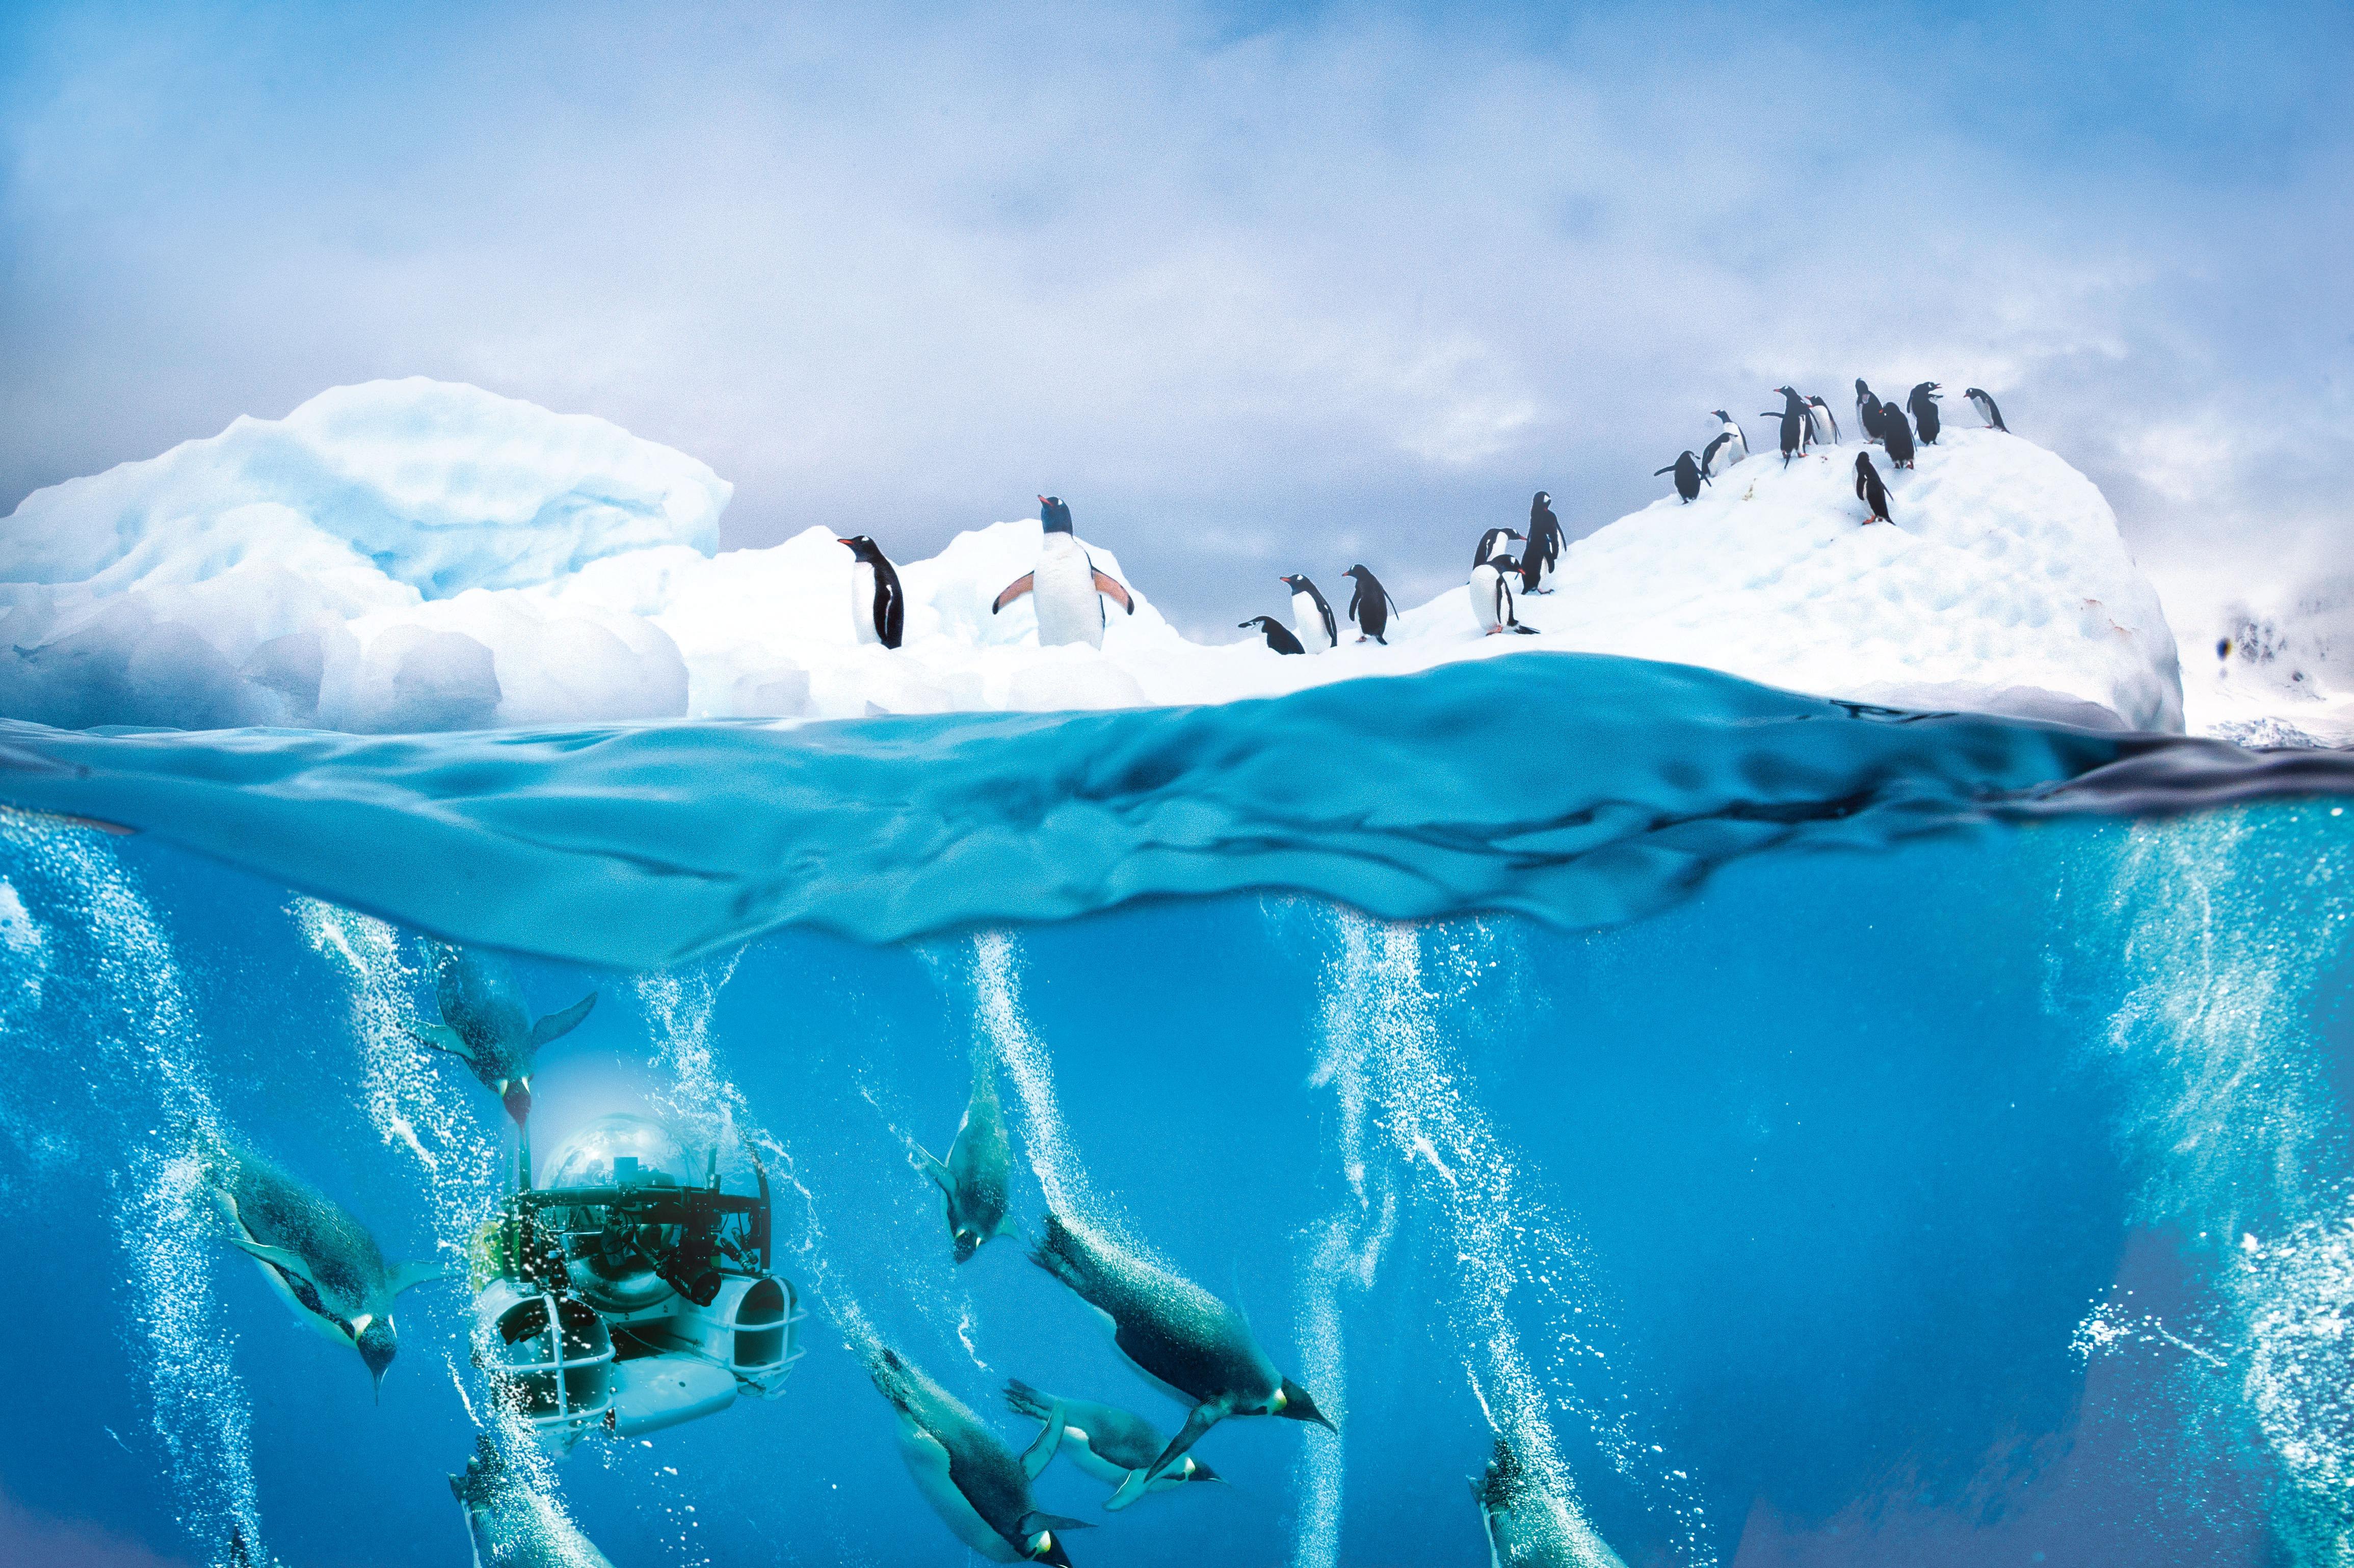 Scenic Eclipse submarine in Antarctica